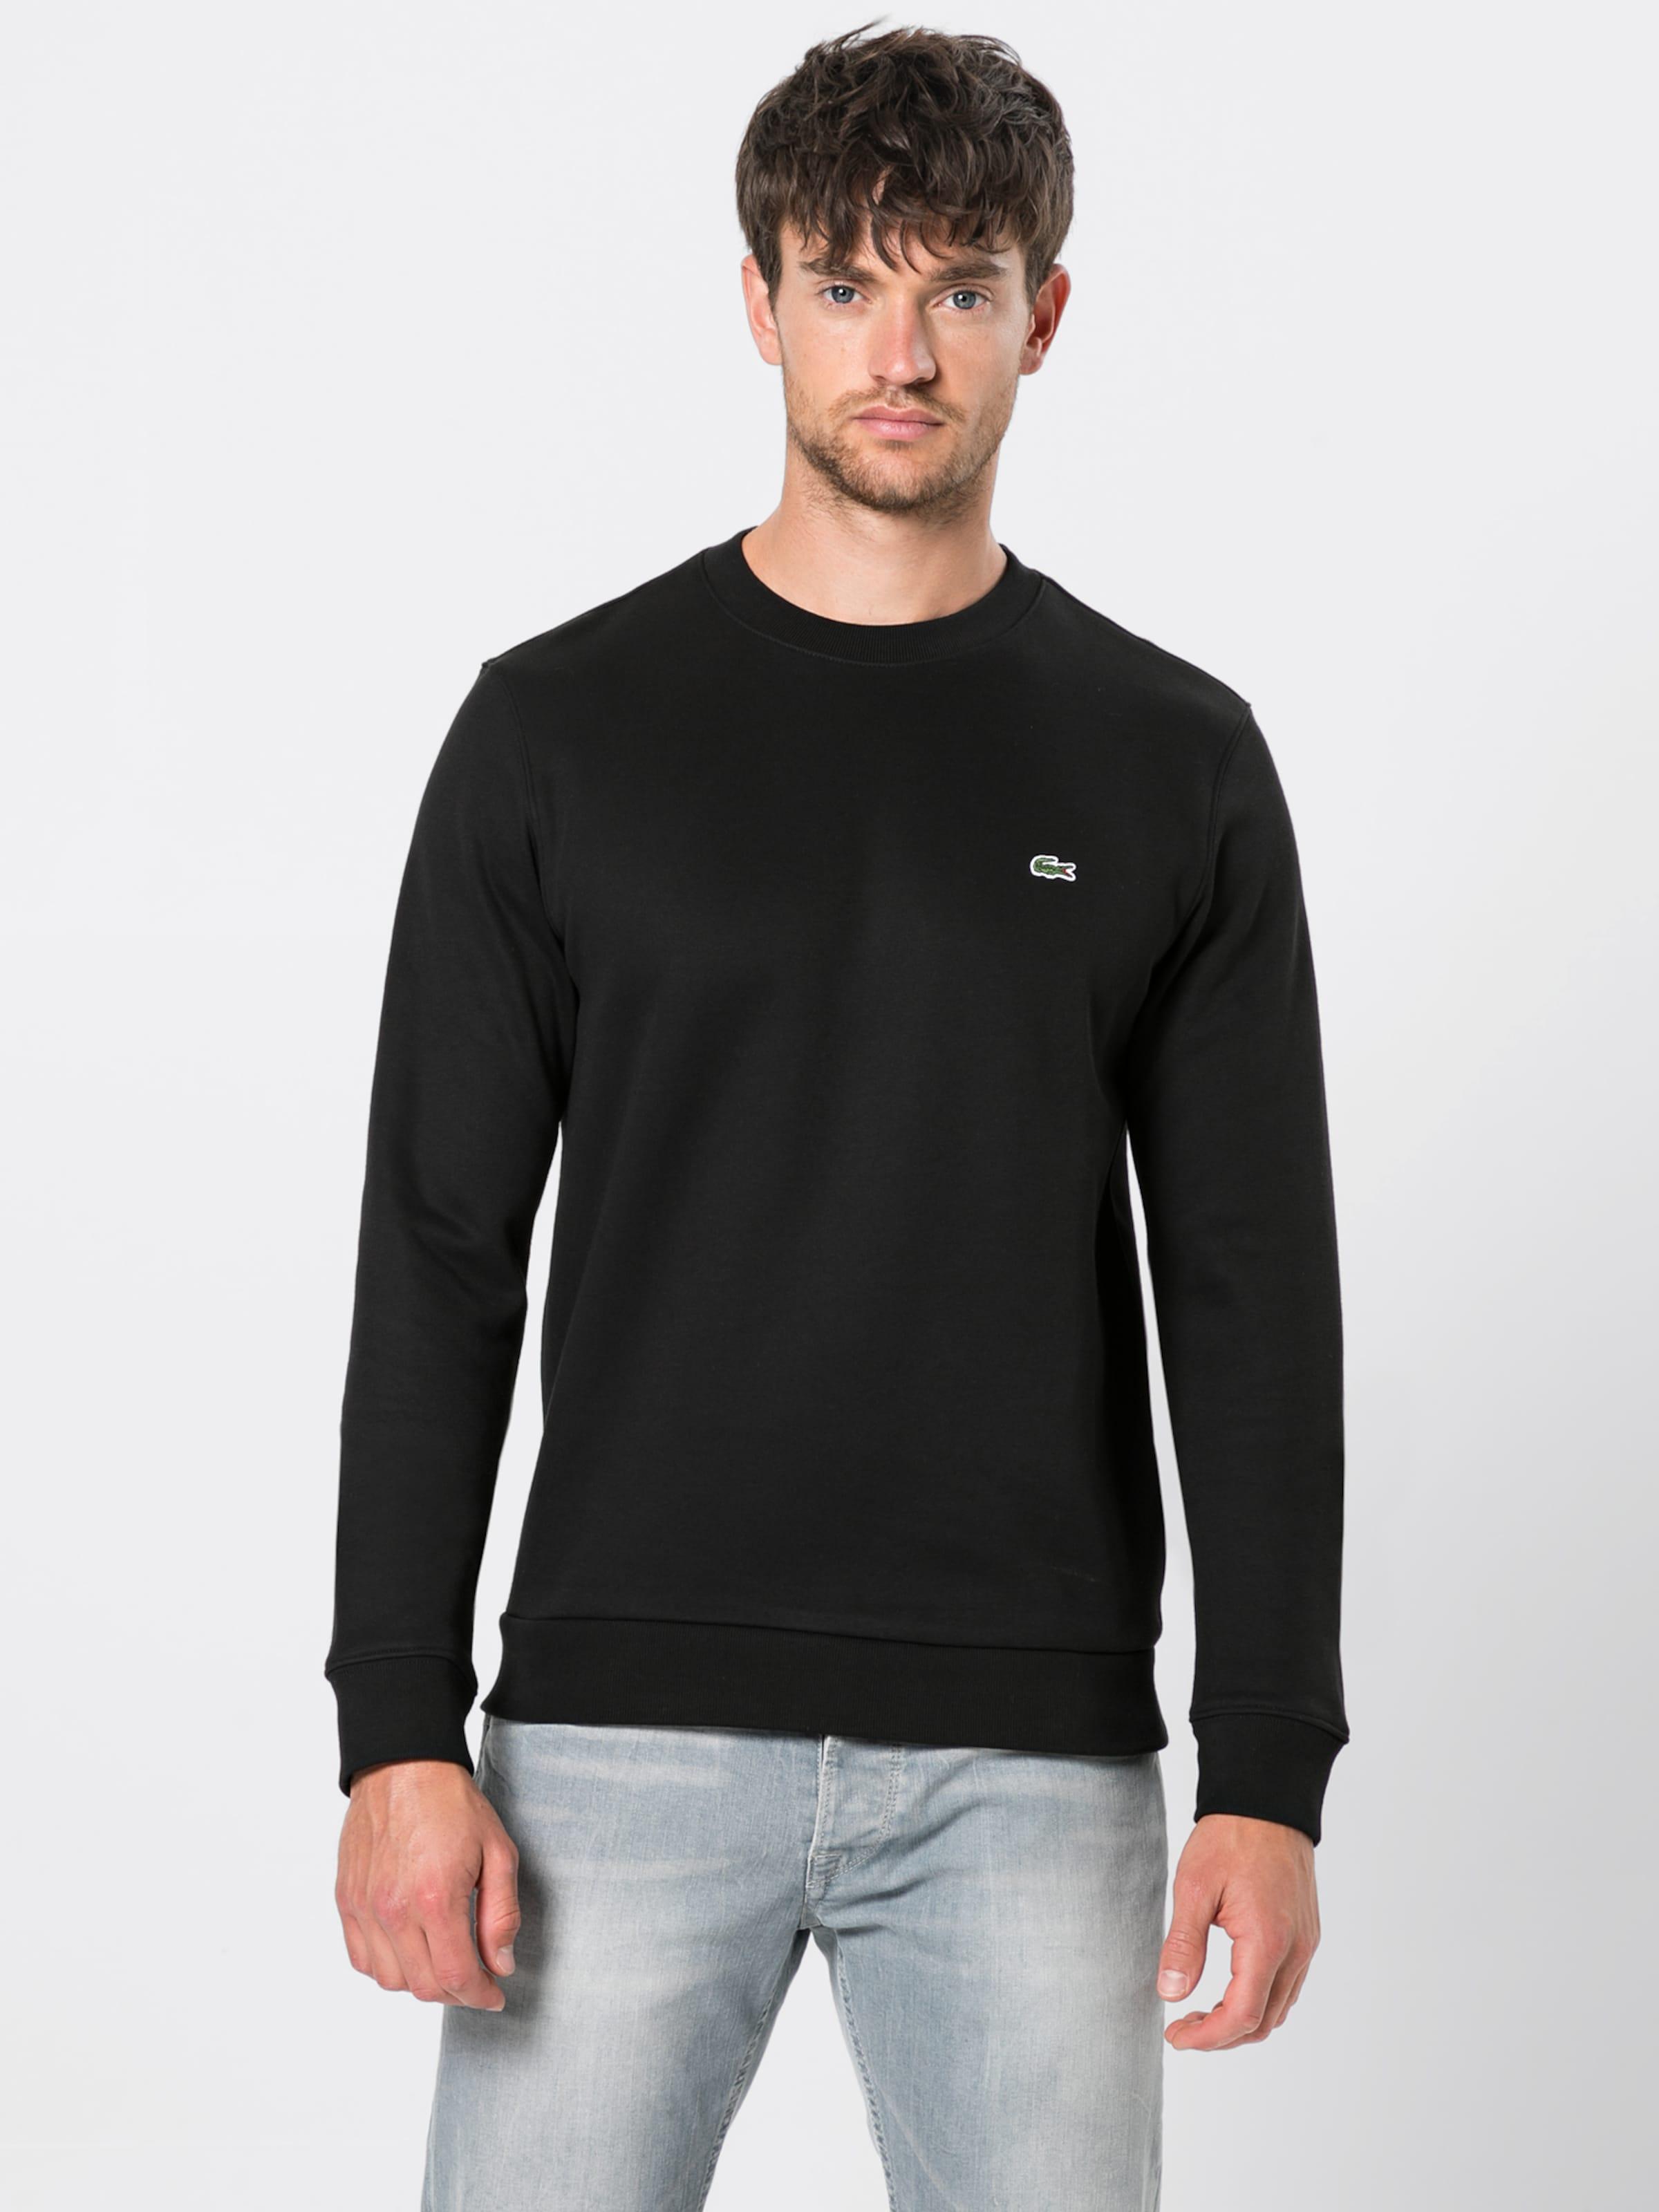 shirt Lacoste Sweat Sweat shirt Noir En Lacoste OZTPkwiuX